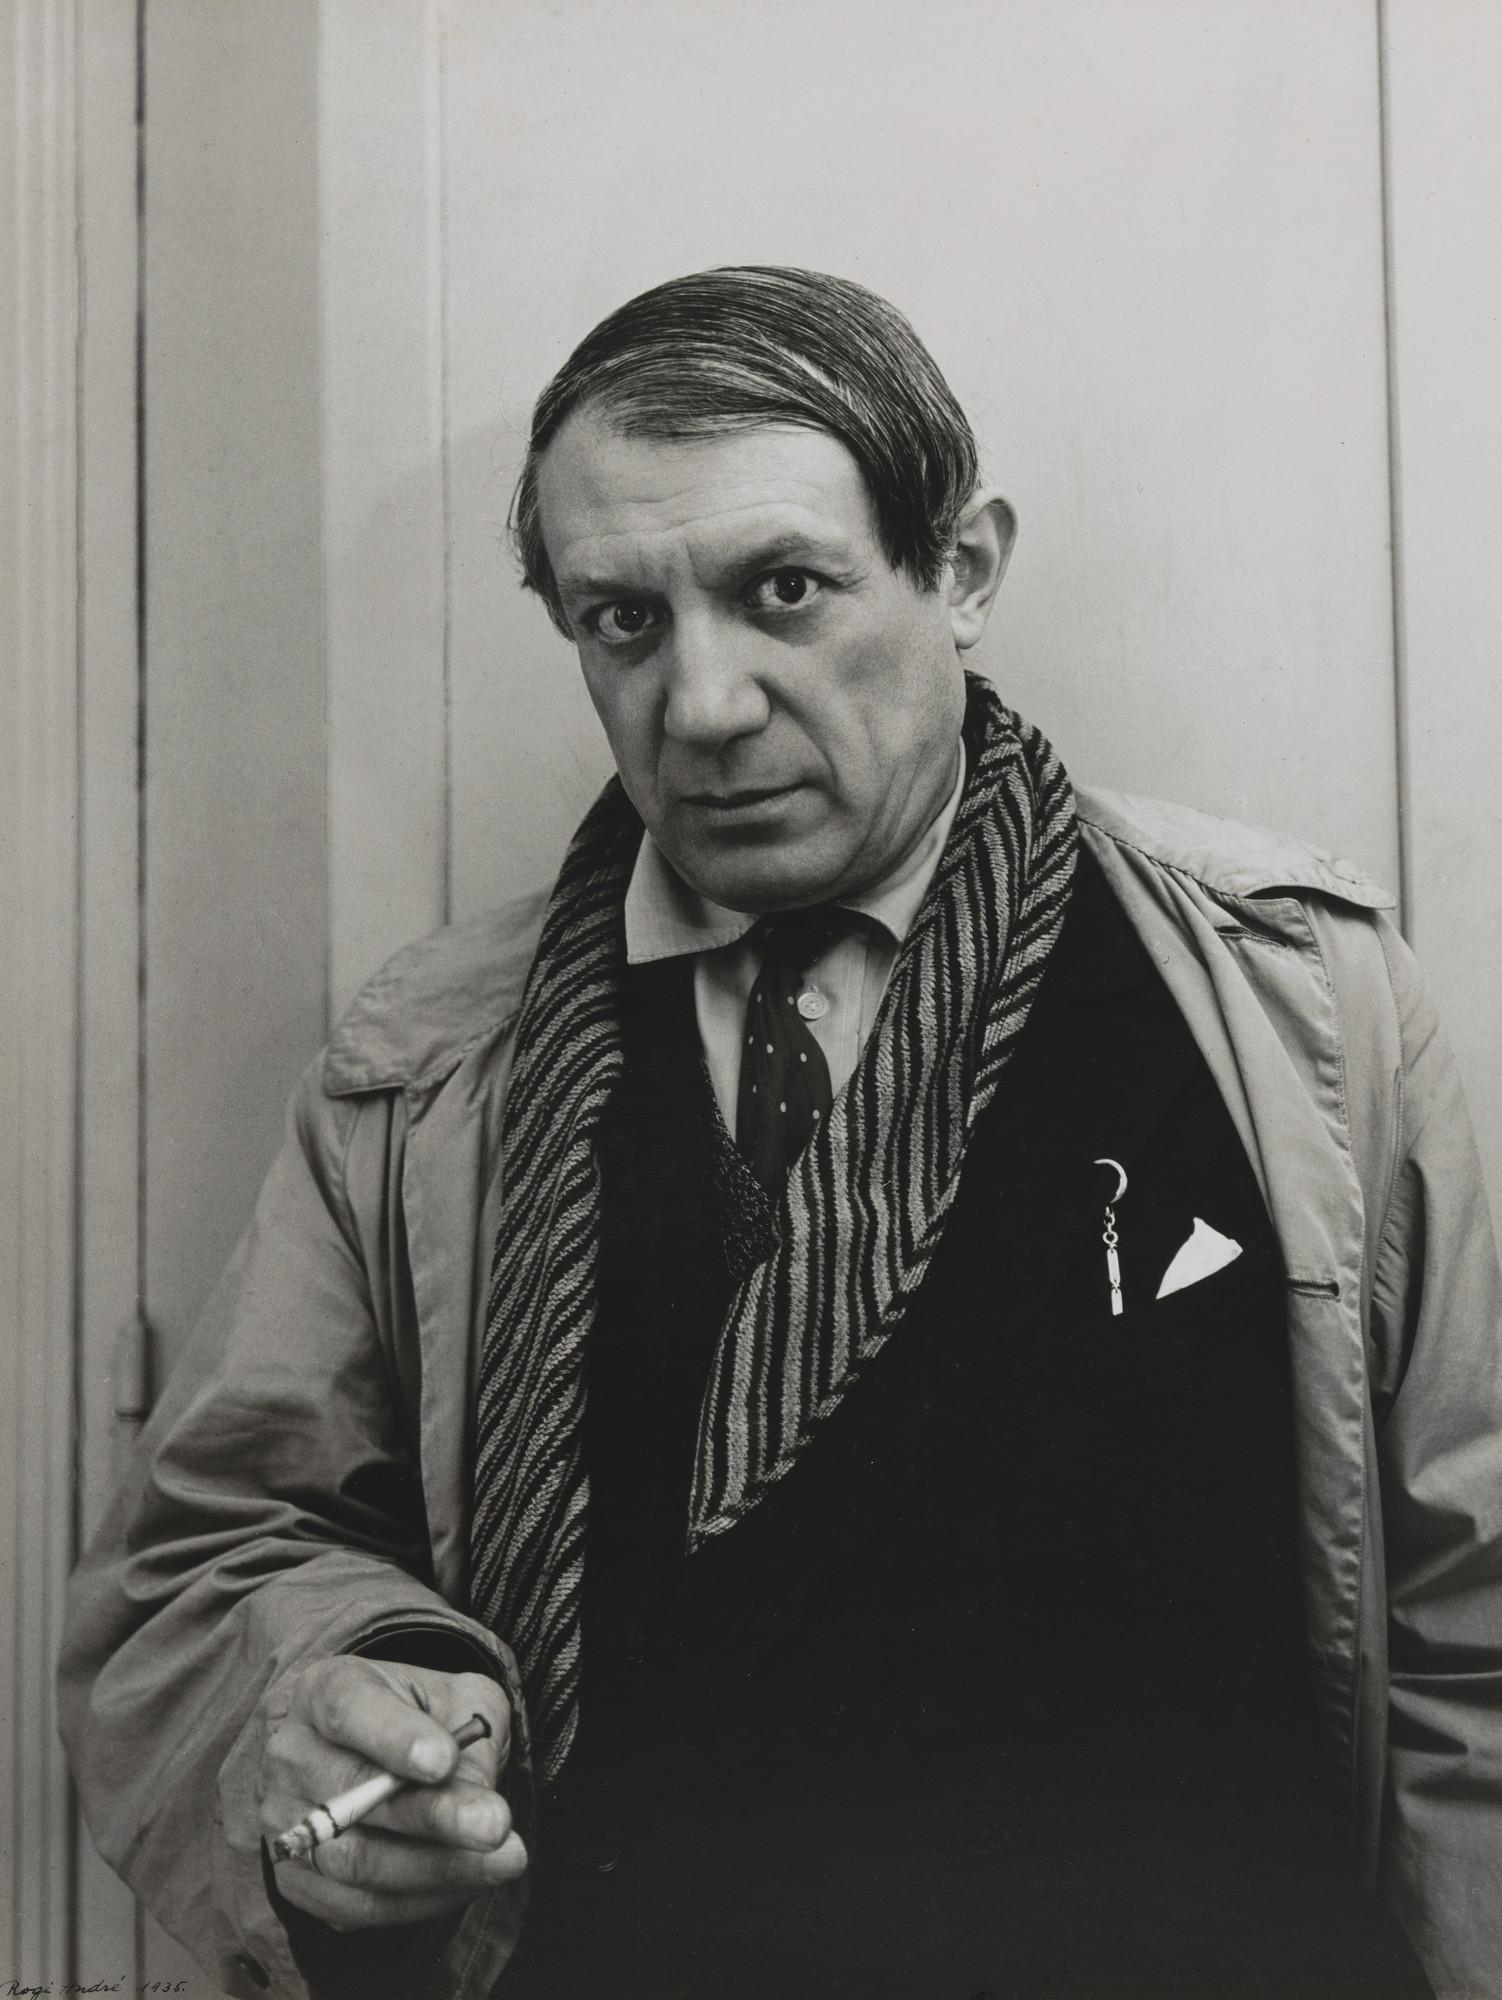 Rogi André – Pablo Picasso, 1935